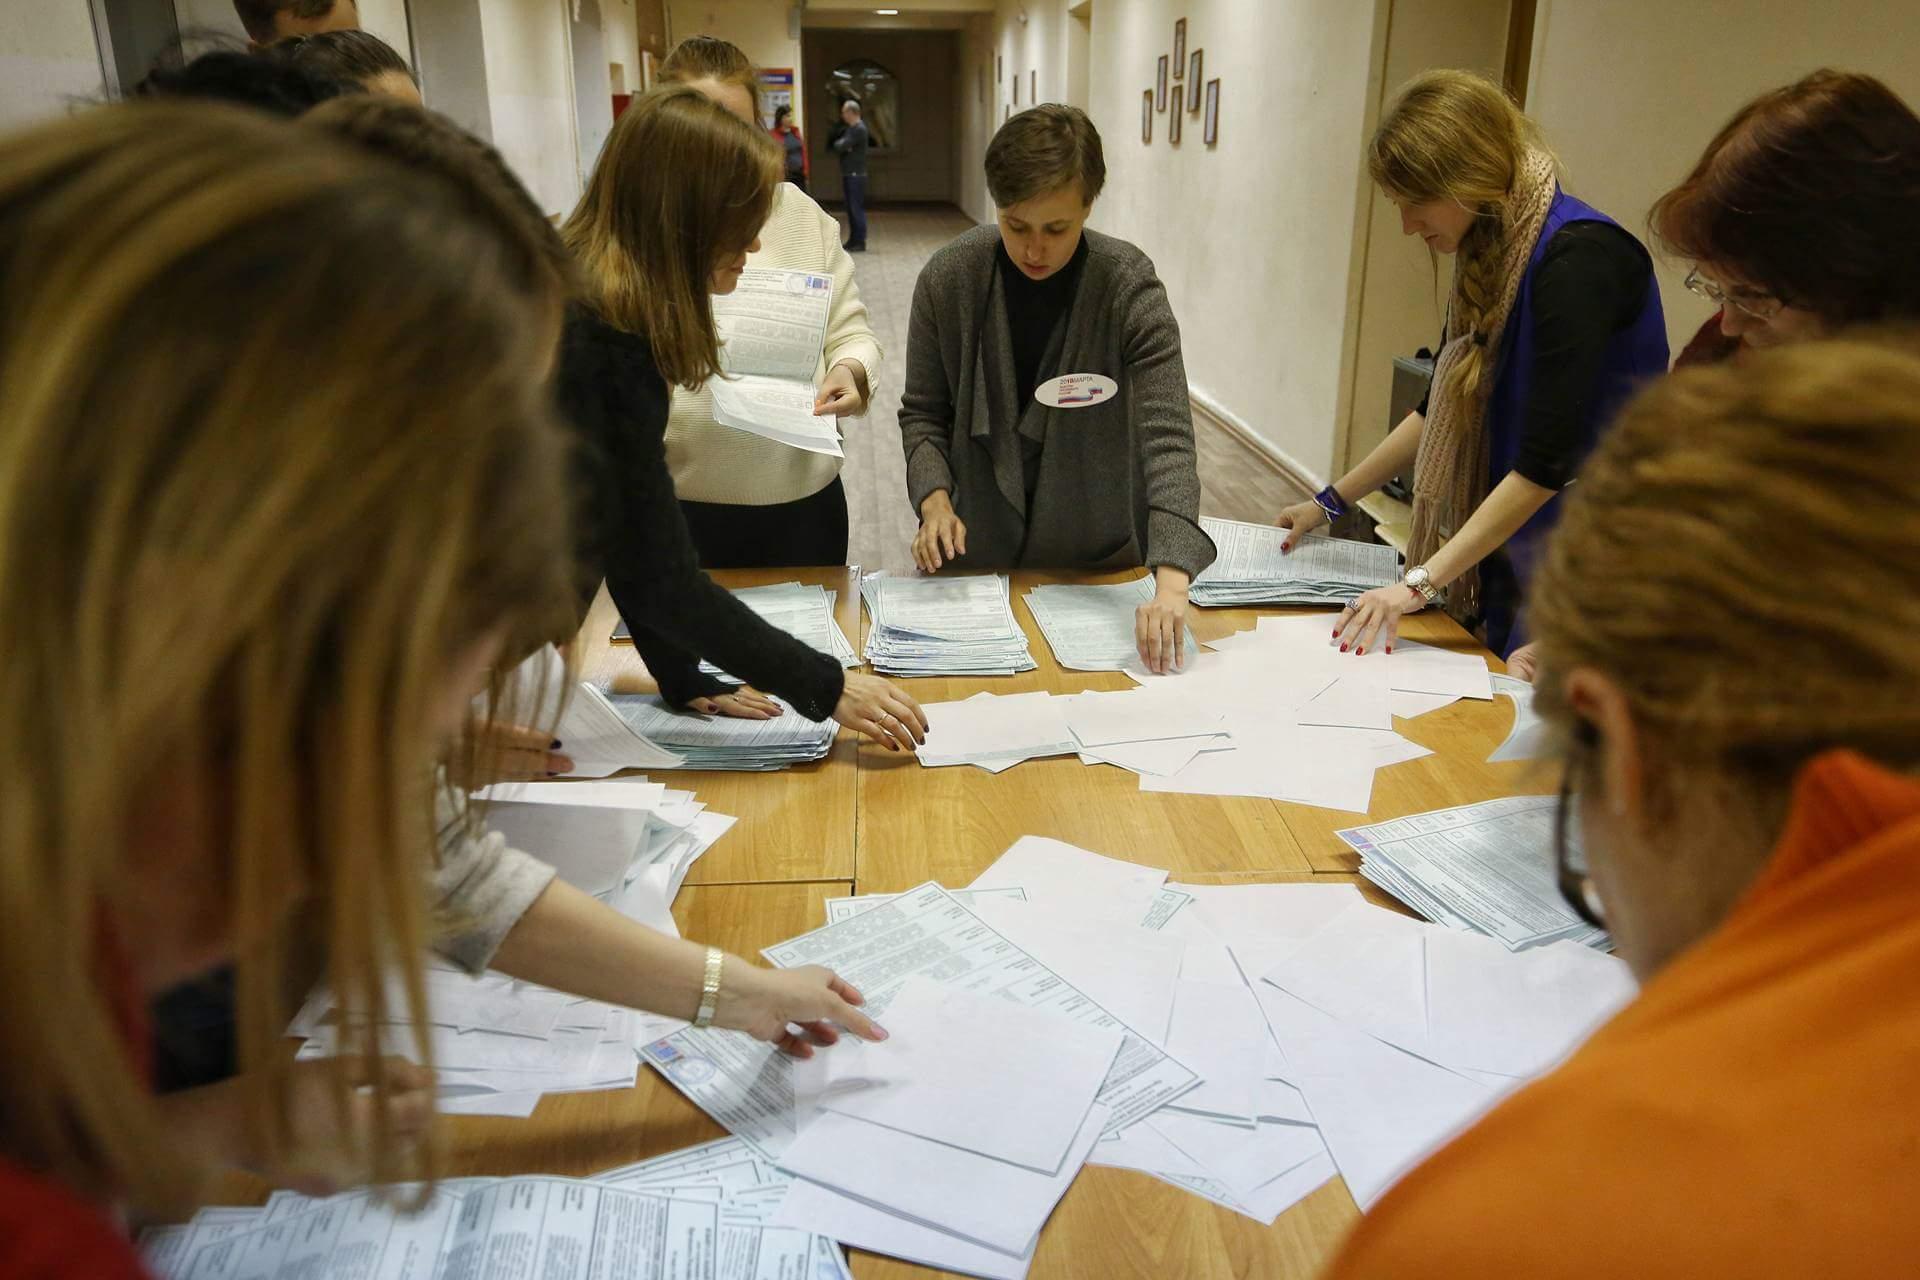 Возросшая явка, отсутствие всписках и селфи в доказательство голосования: главное о выборах инарушениях в Петербурге